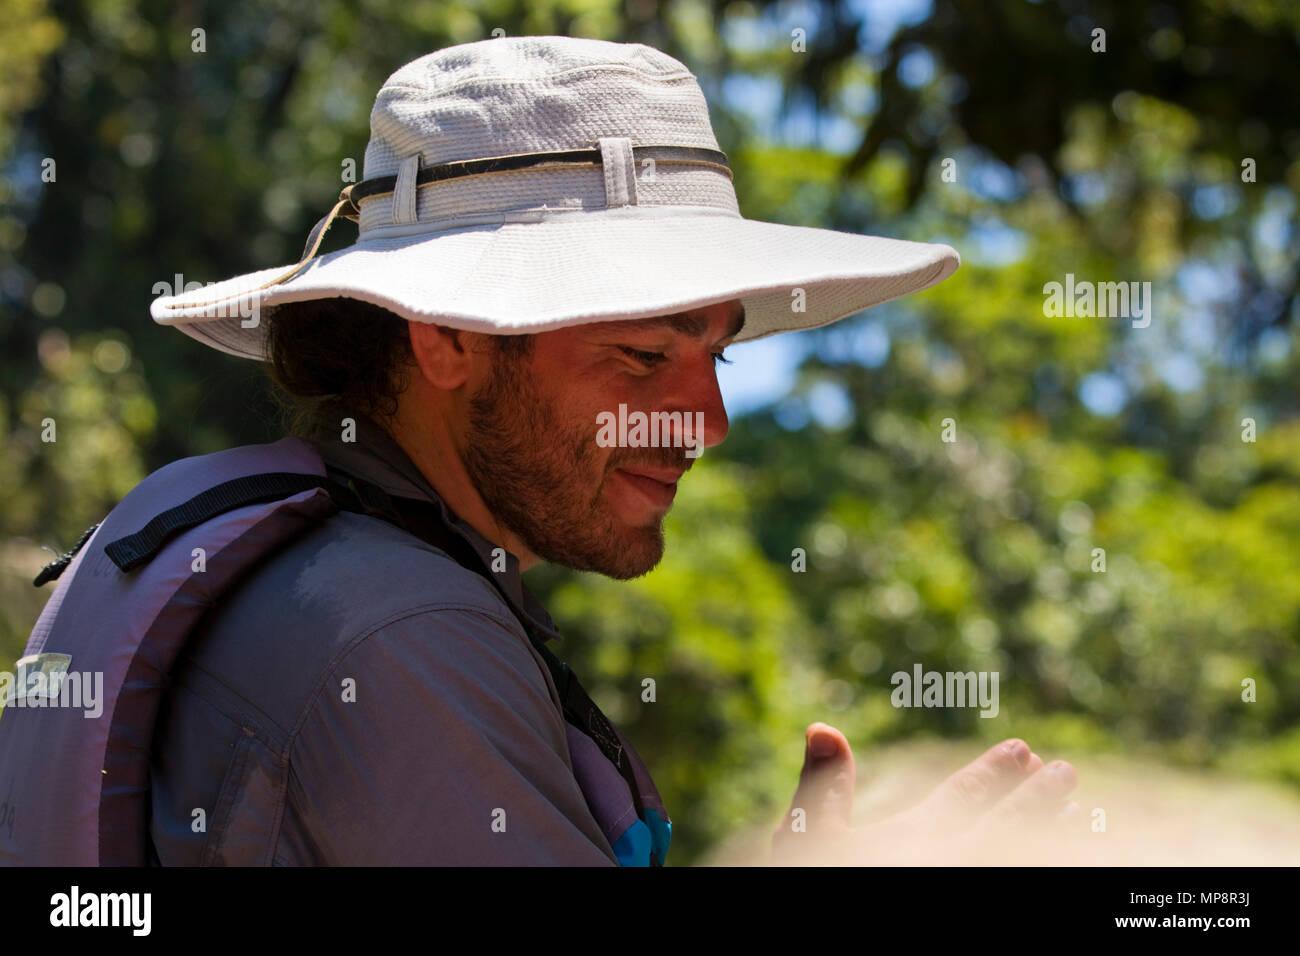 Costa Rica male model - Stock Image